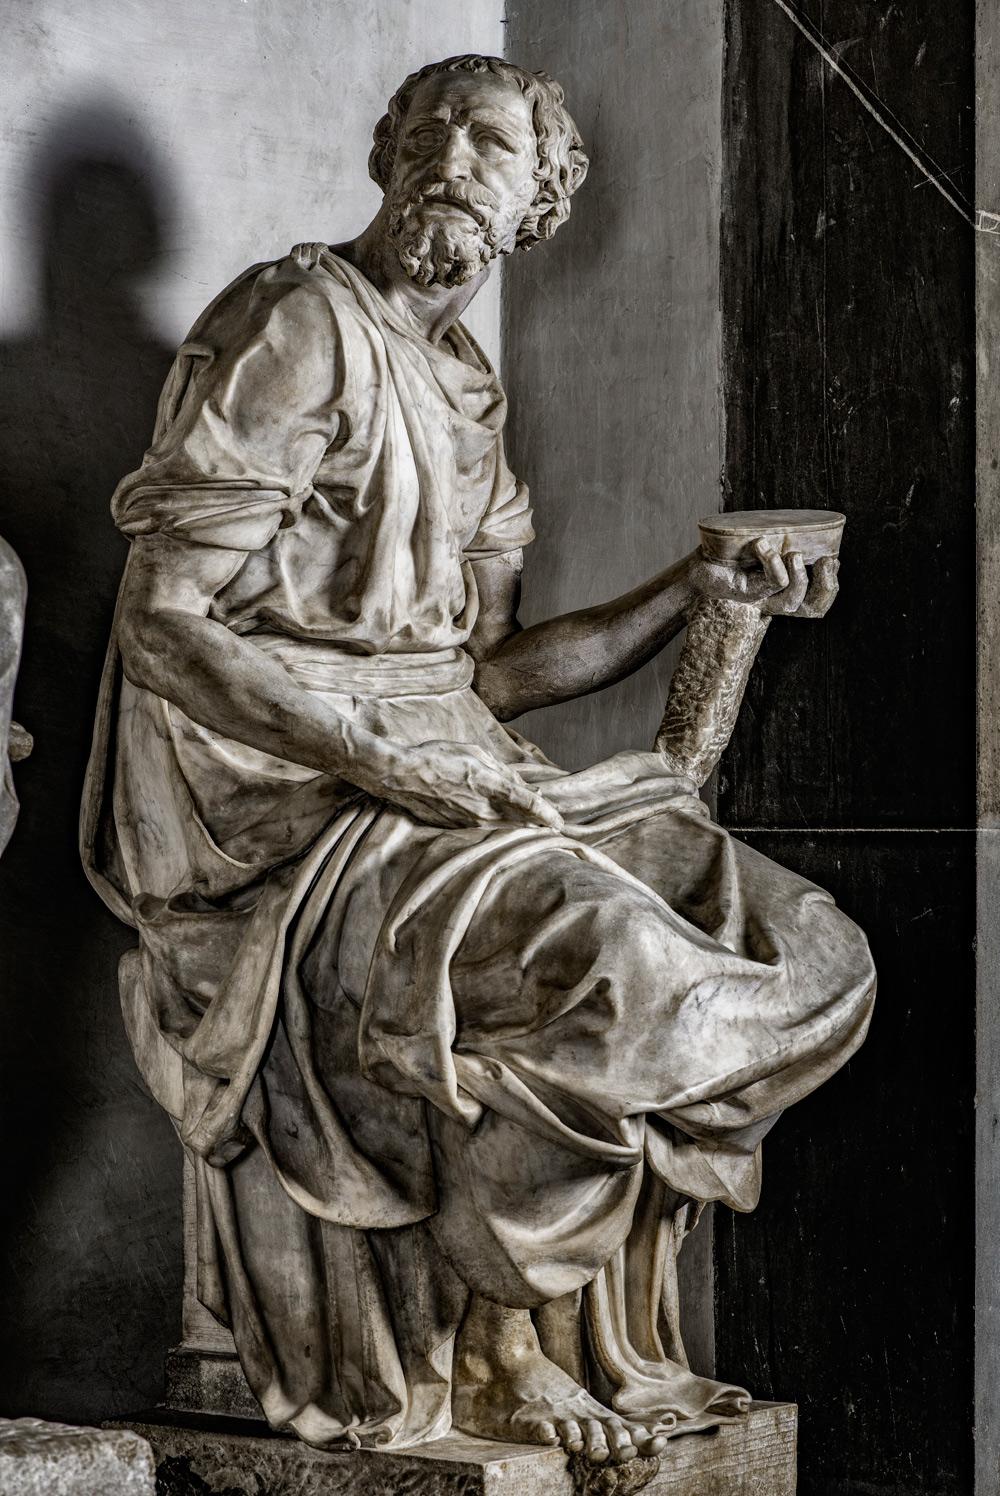 Il San Damiano di Raffaello da Montelupo. Ph. Credit Andrea Jemolo